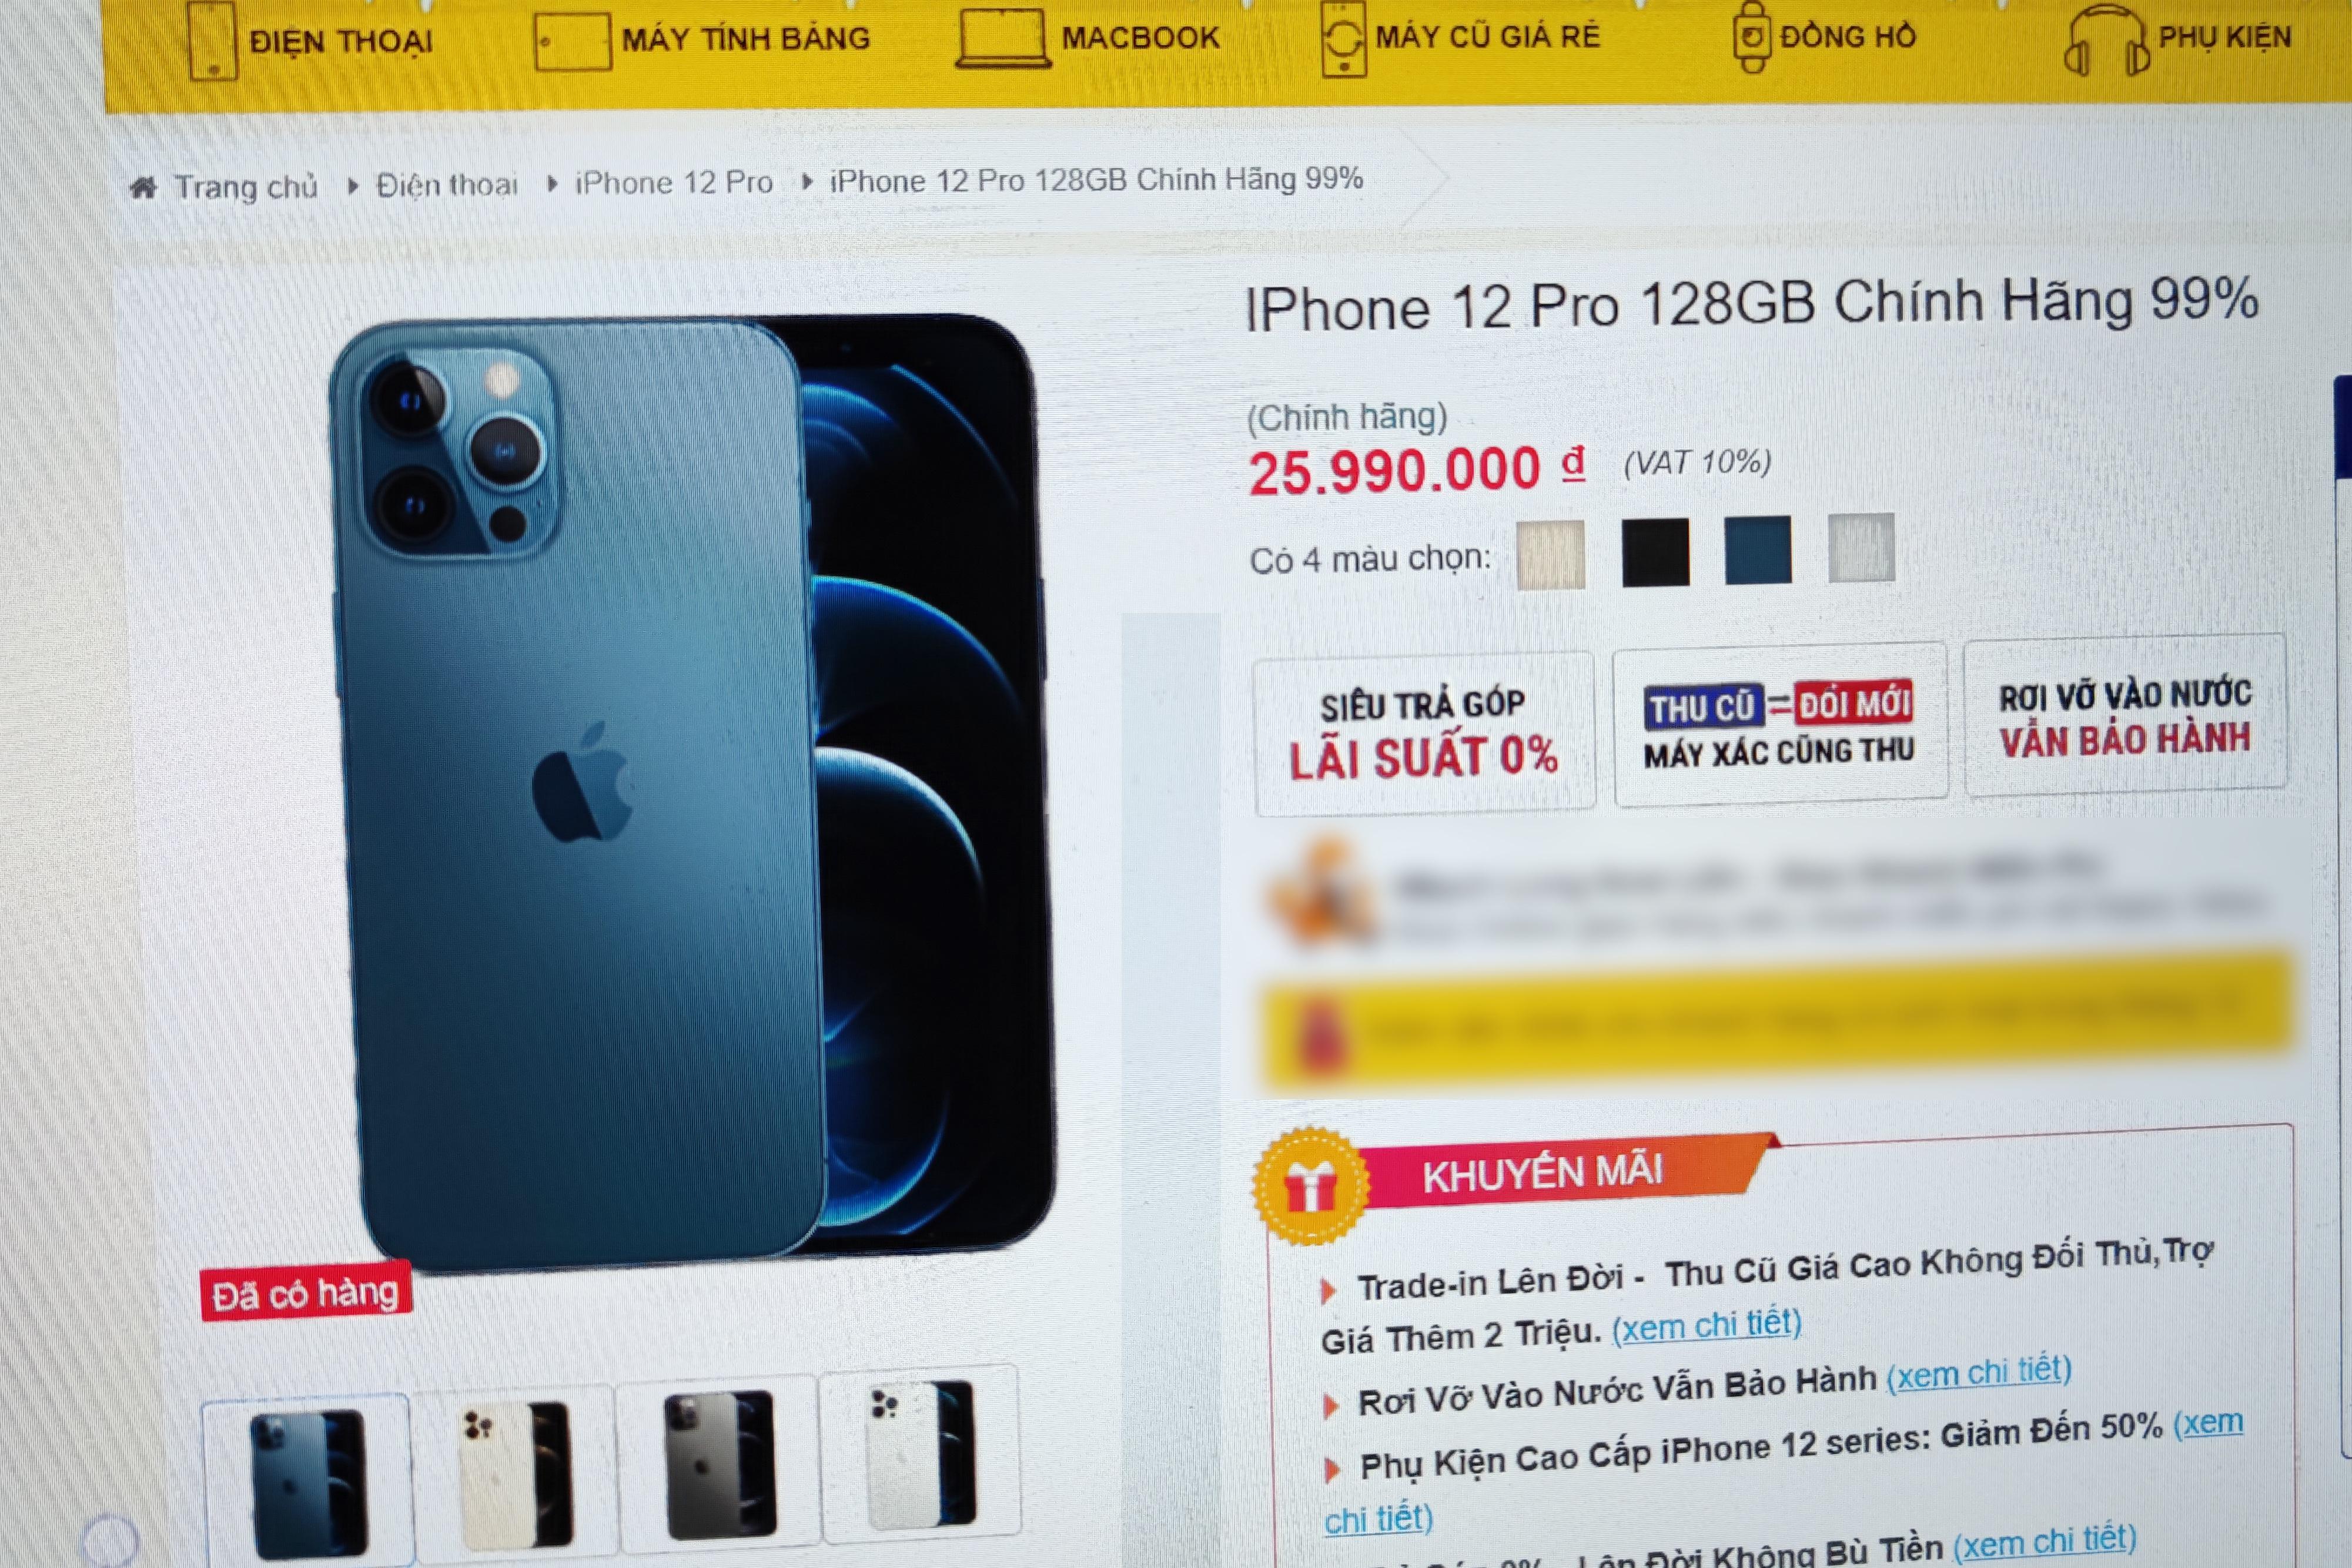 iPhone 12 Pro hàng cũ bắt đầu xuất hiện, giá chênh lệch máy mới không nhiều - 1